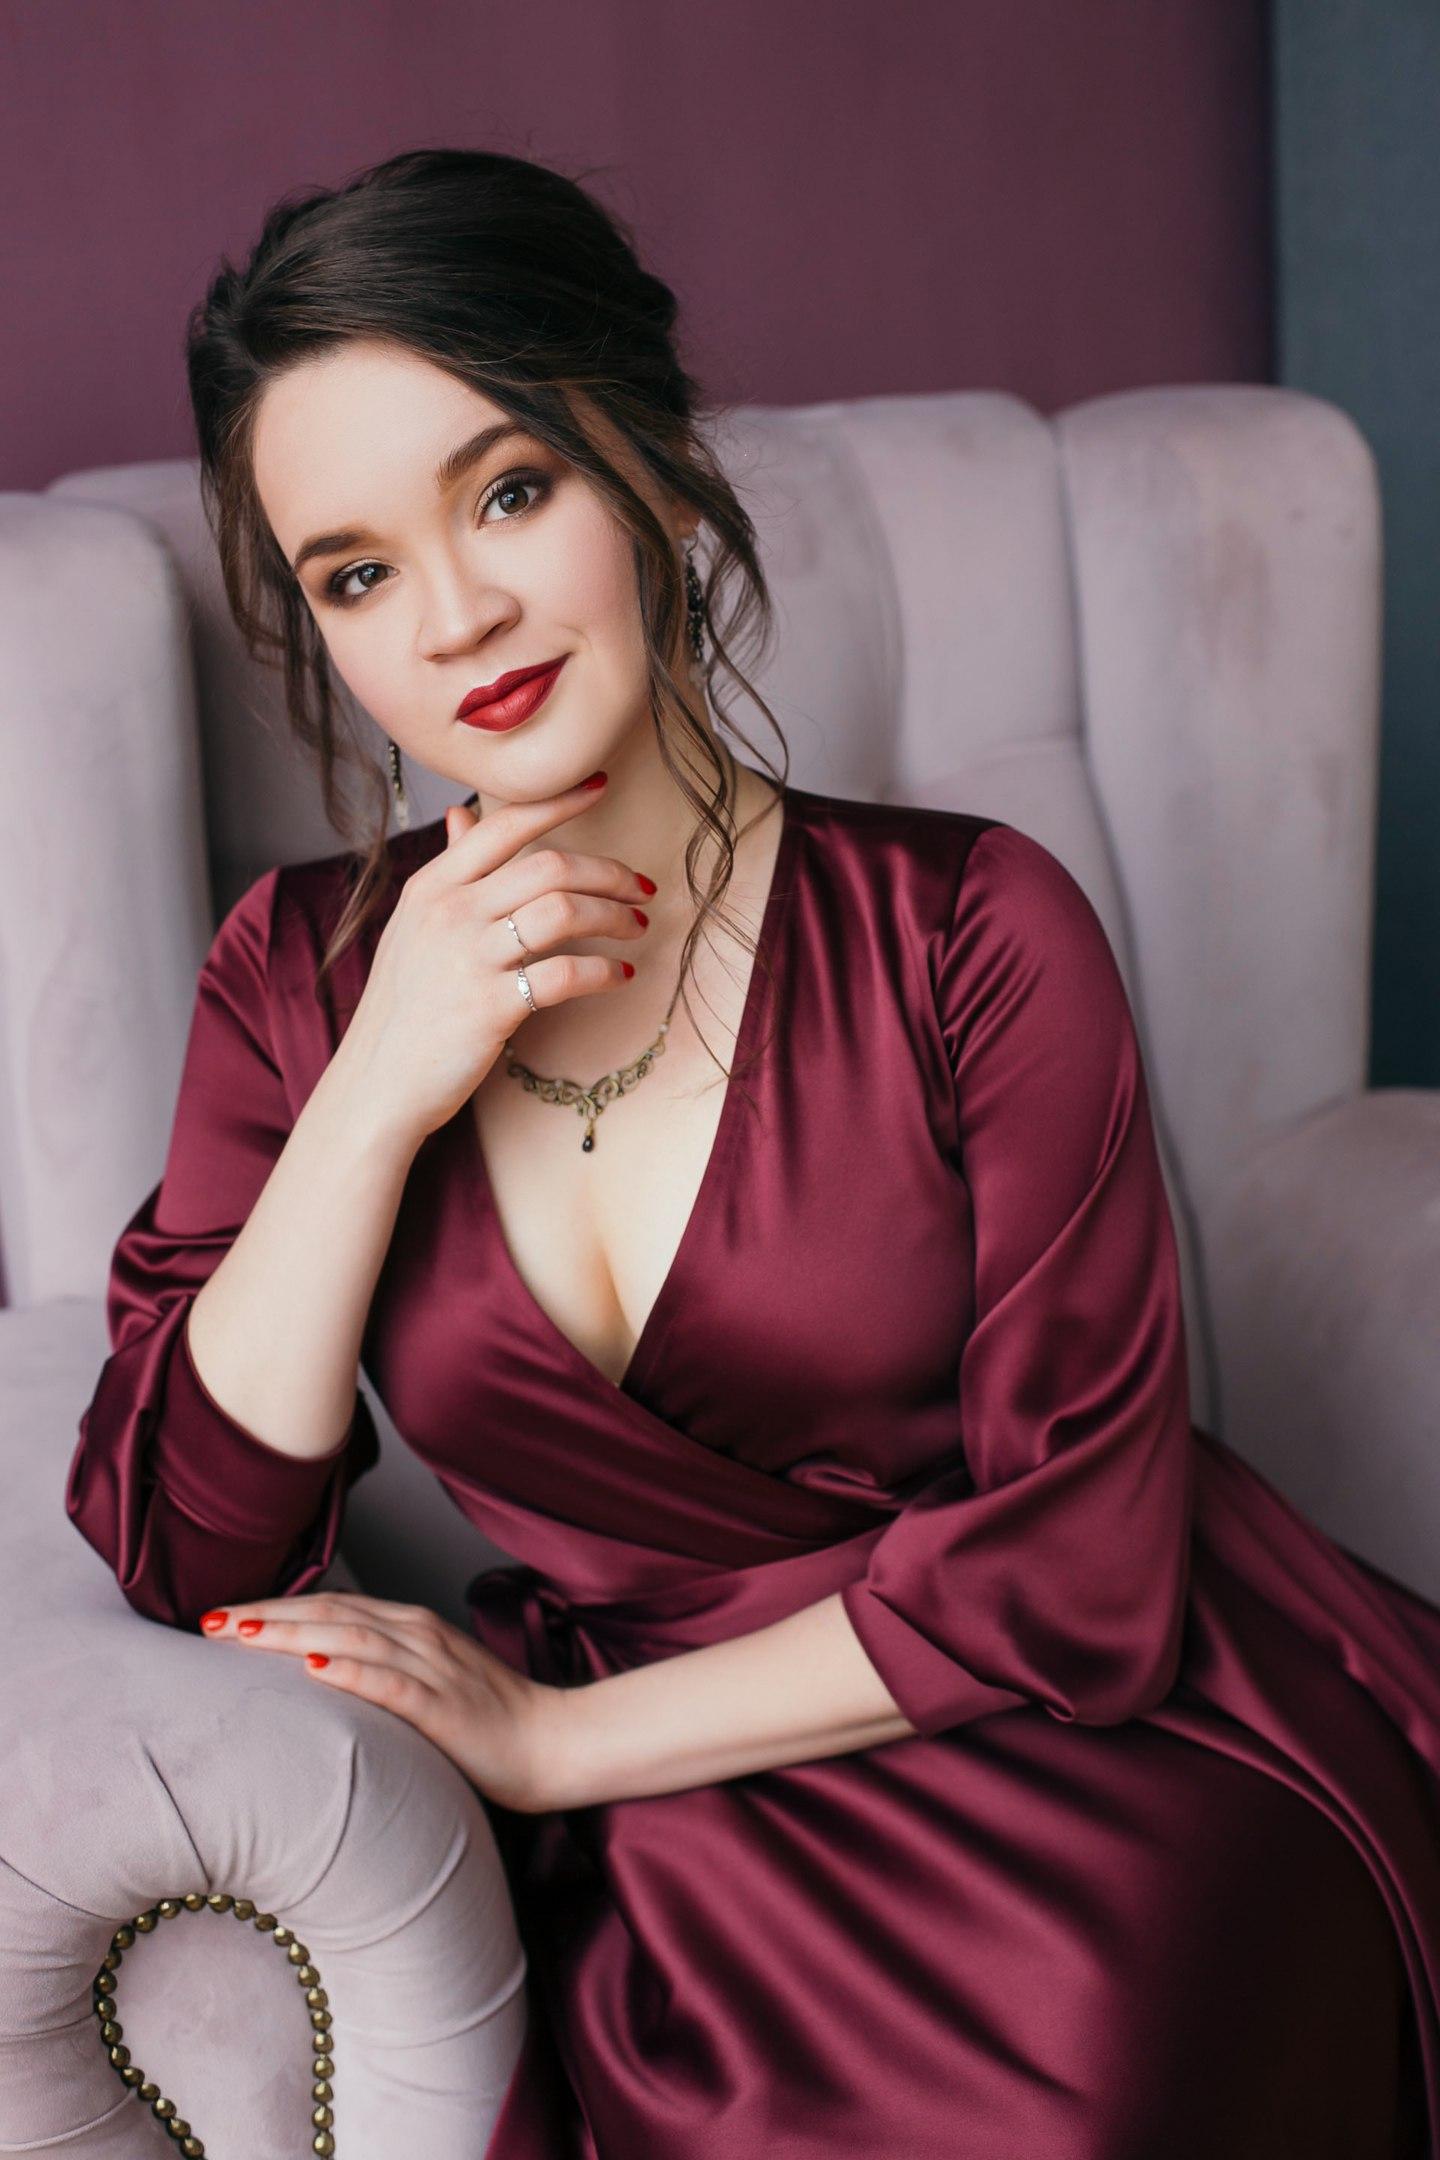 Утонченное платье-миди в любимом цвете марсалаВ нём вы выглядите роскошно без дополнительного лоска из аксессуаров, сложной причёски и макияжа.